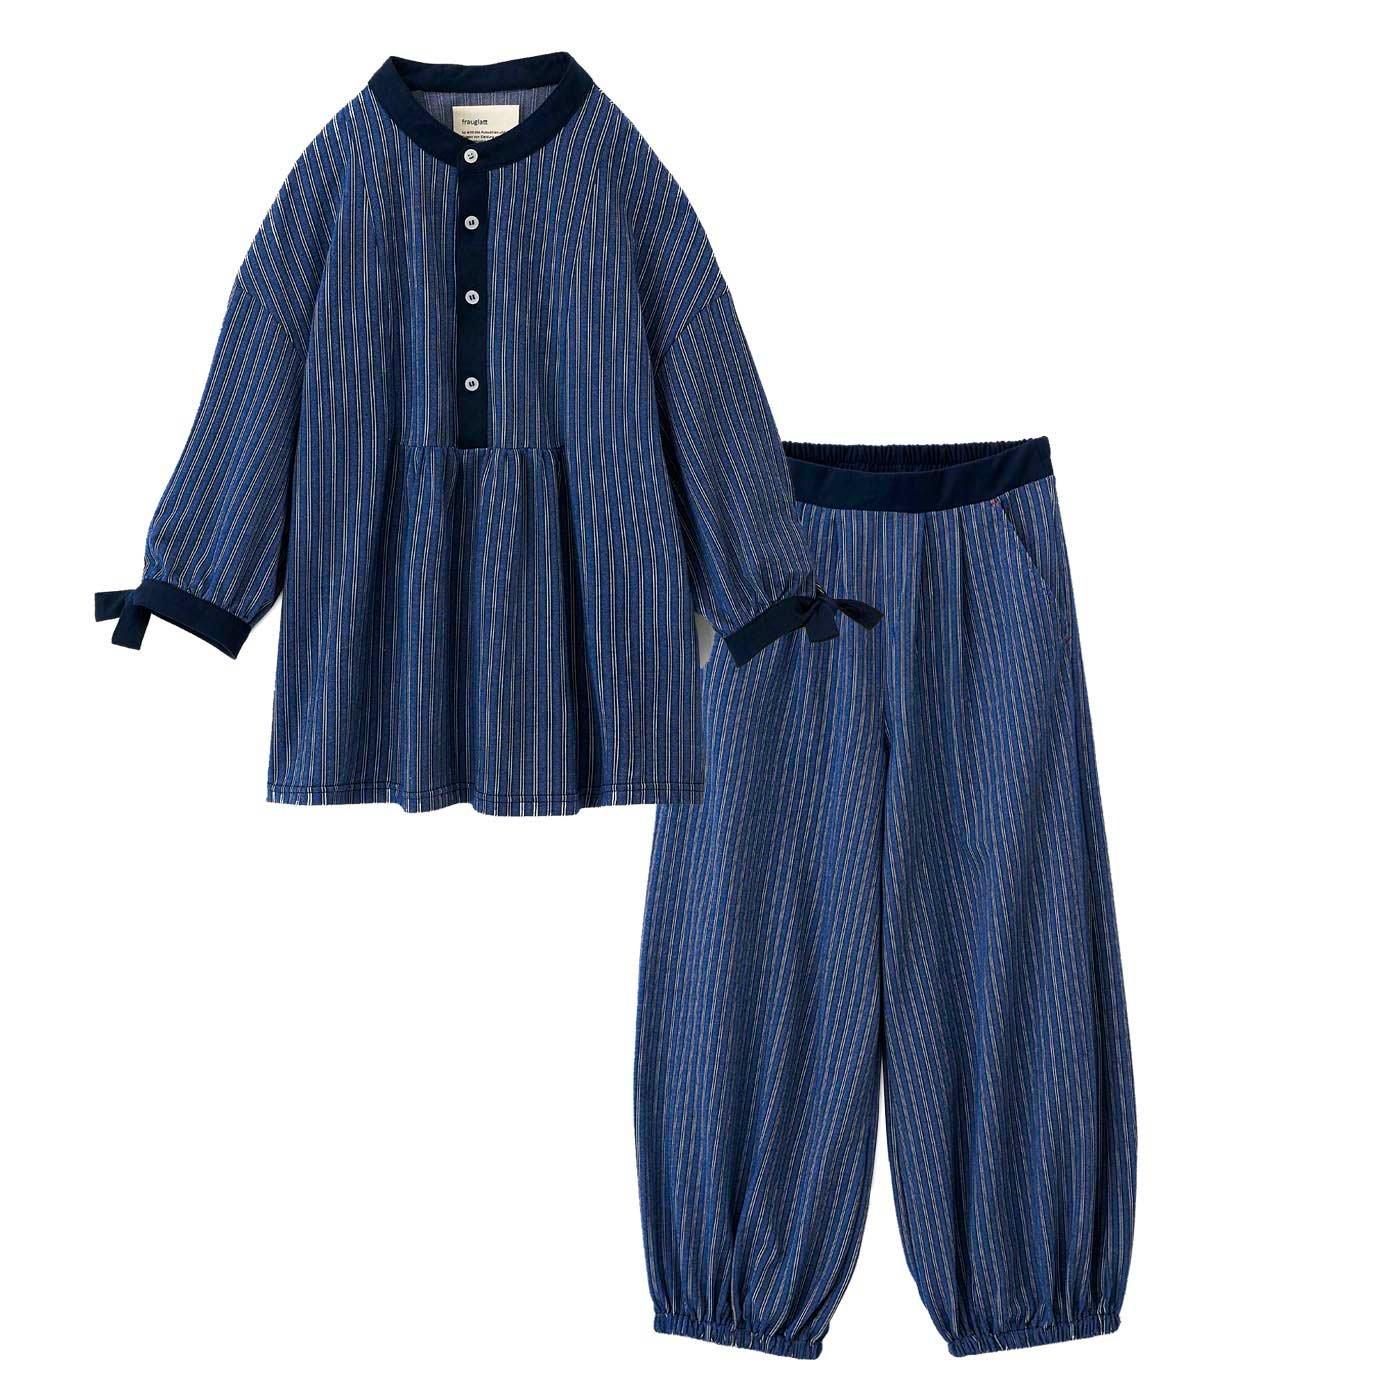 フラウグラット 布帛(ふはく)見えするのに実はらくちん ちょっと外にも部屋着にもそのまま寝られるウェアセット〈ネイビー×オフ白(ストライプ〉